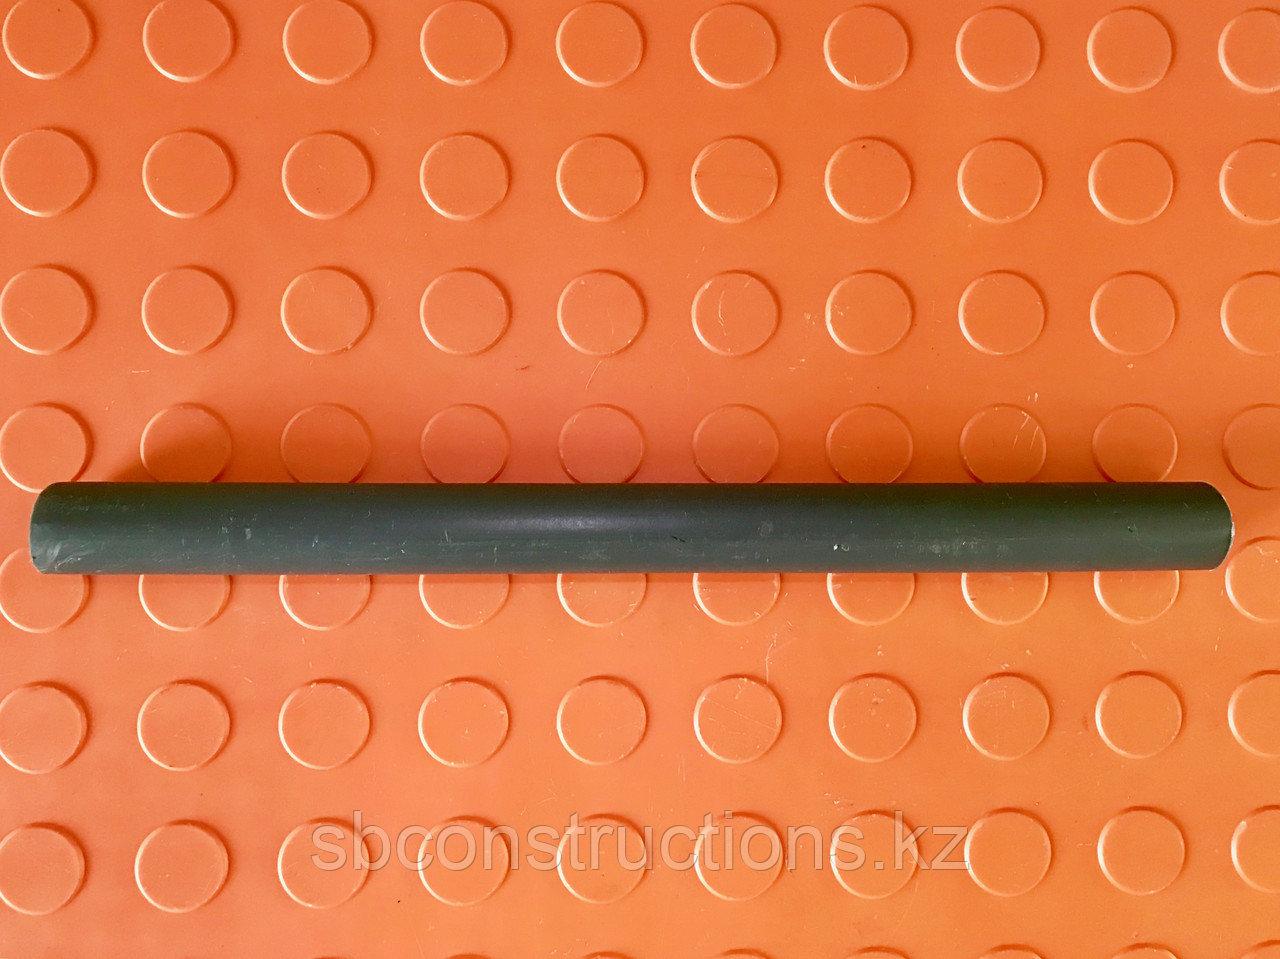 ПВХ трубка винтового стержня для опалубки(тайрот, стяжка, анкерный болт)